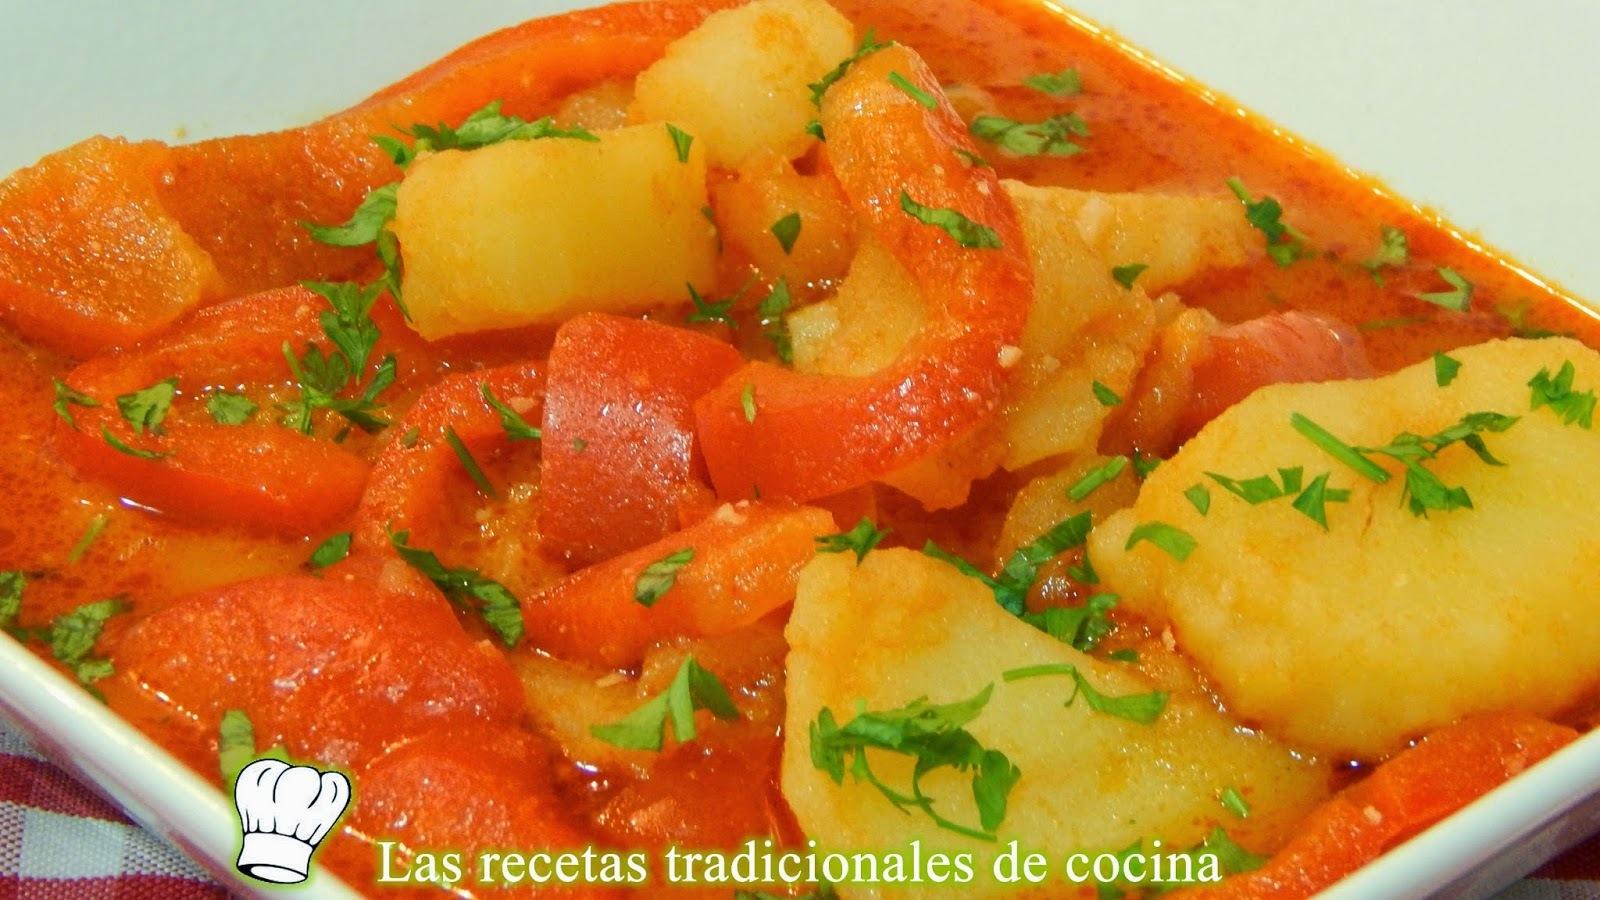 Patatas guisadas con pimientos, receta fácil